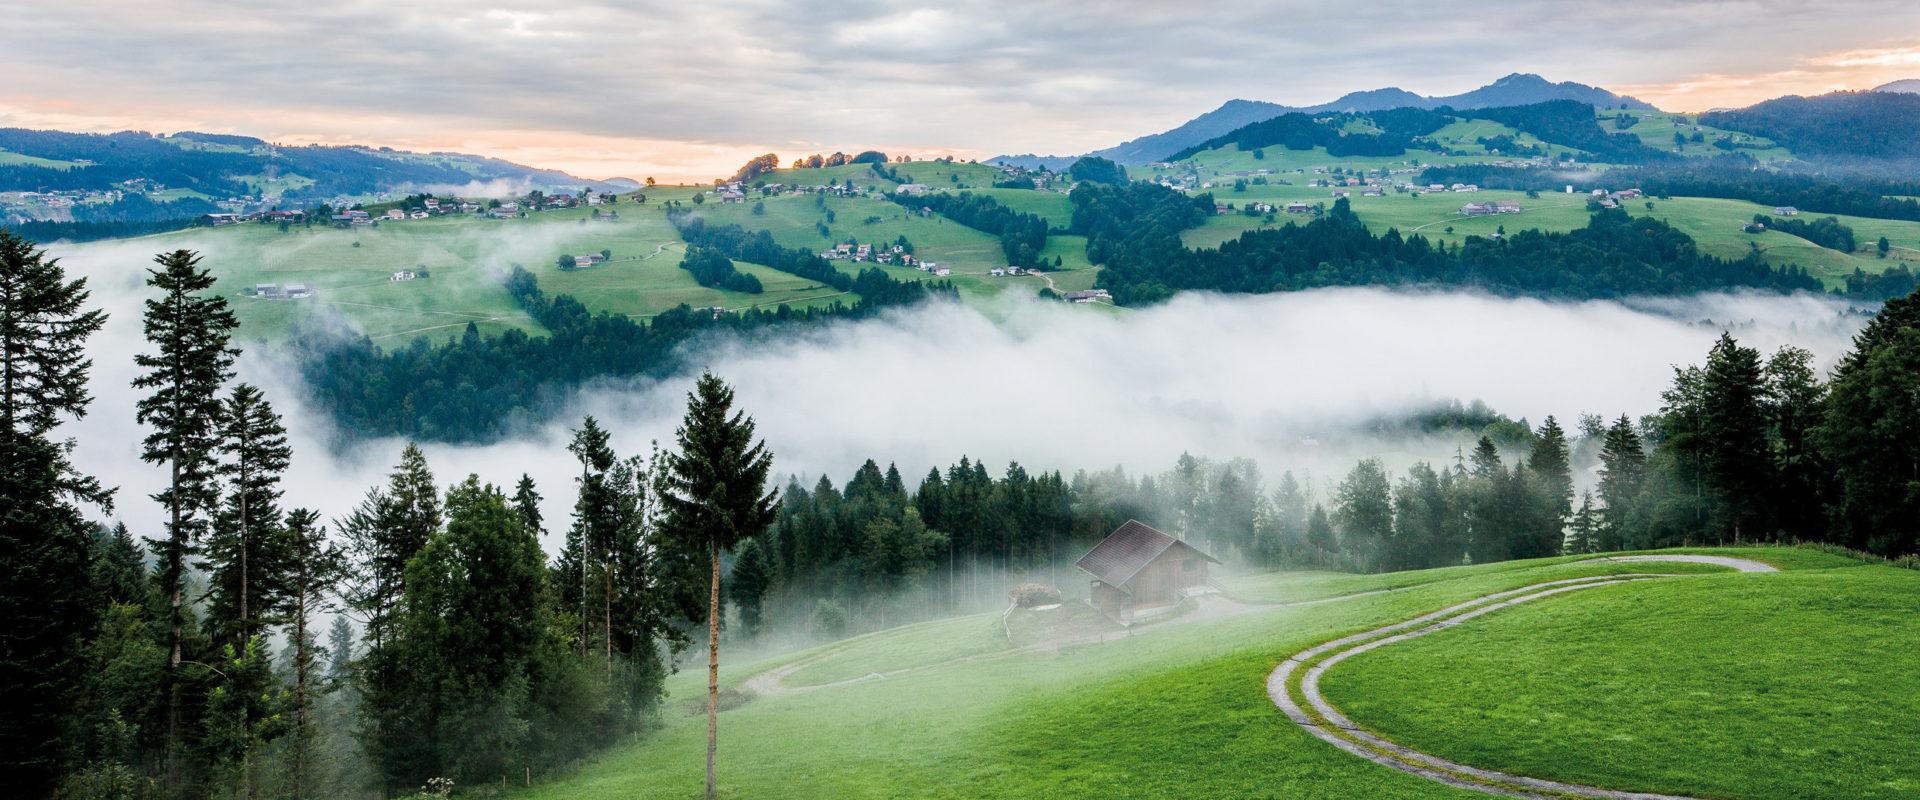 Bregenzerwald bei Müselbach © Walser-image.com / Vorarlberg Tourismus